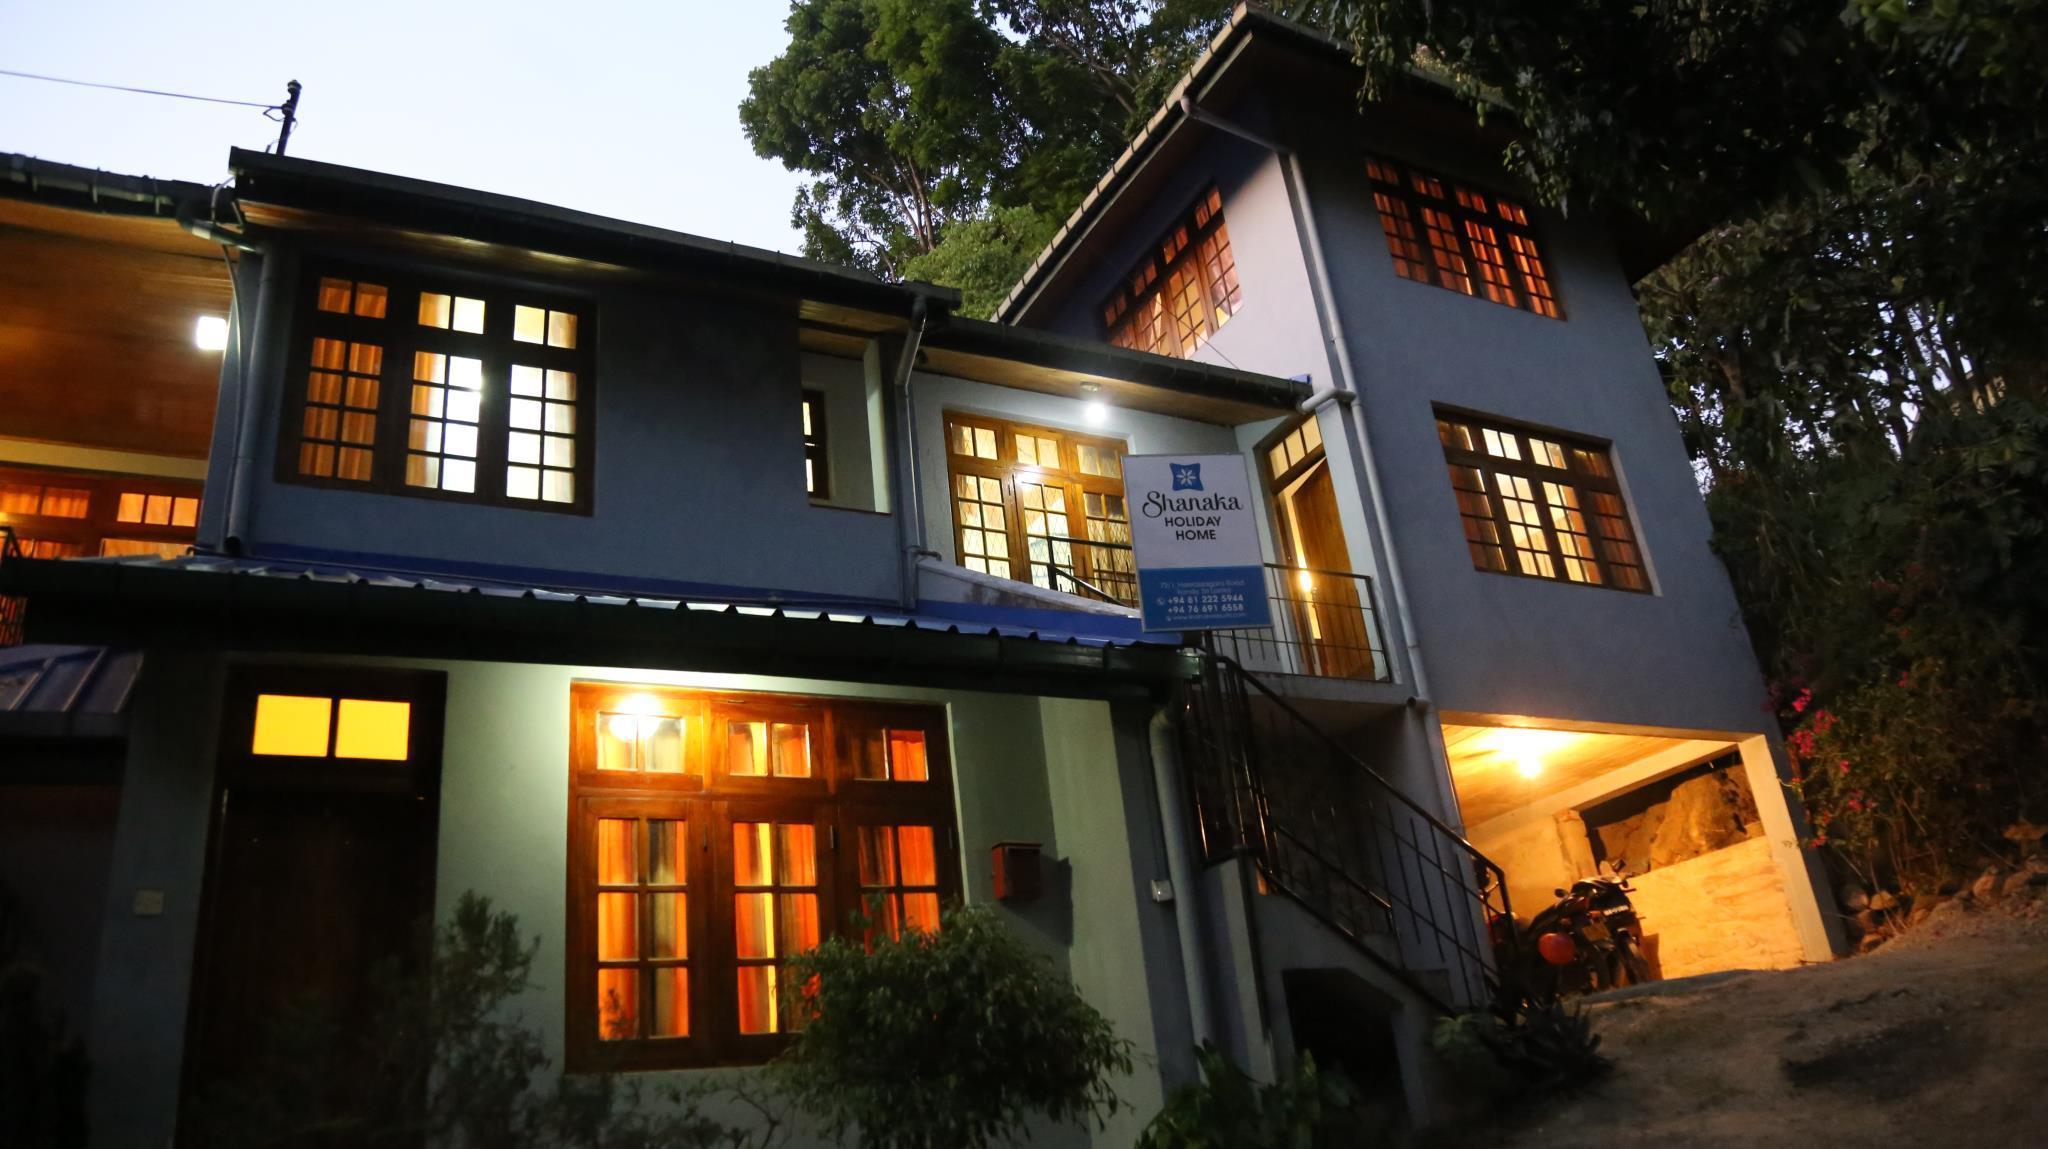 Shanaka Holiday Home